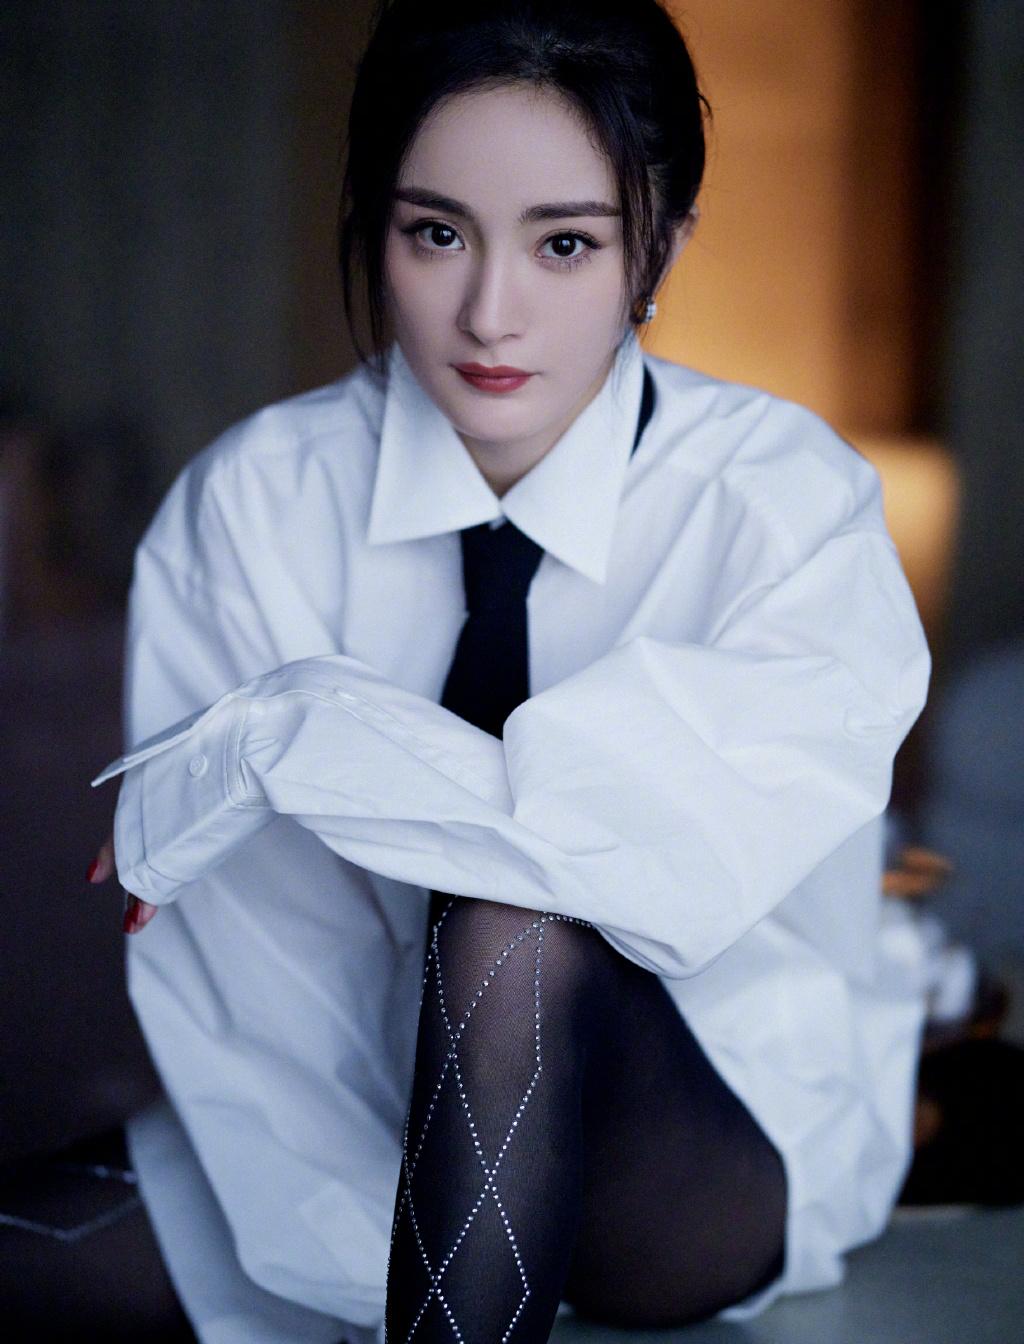 杨幂穿白衬衫很少女 ,搭配黑丝袜清纯迷人